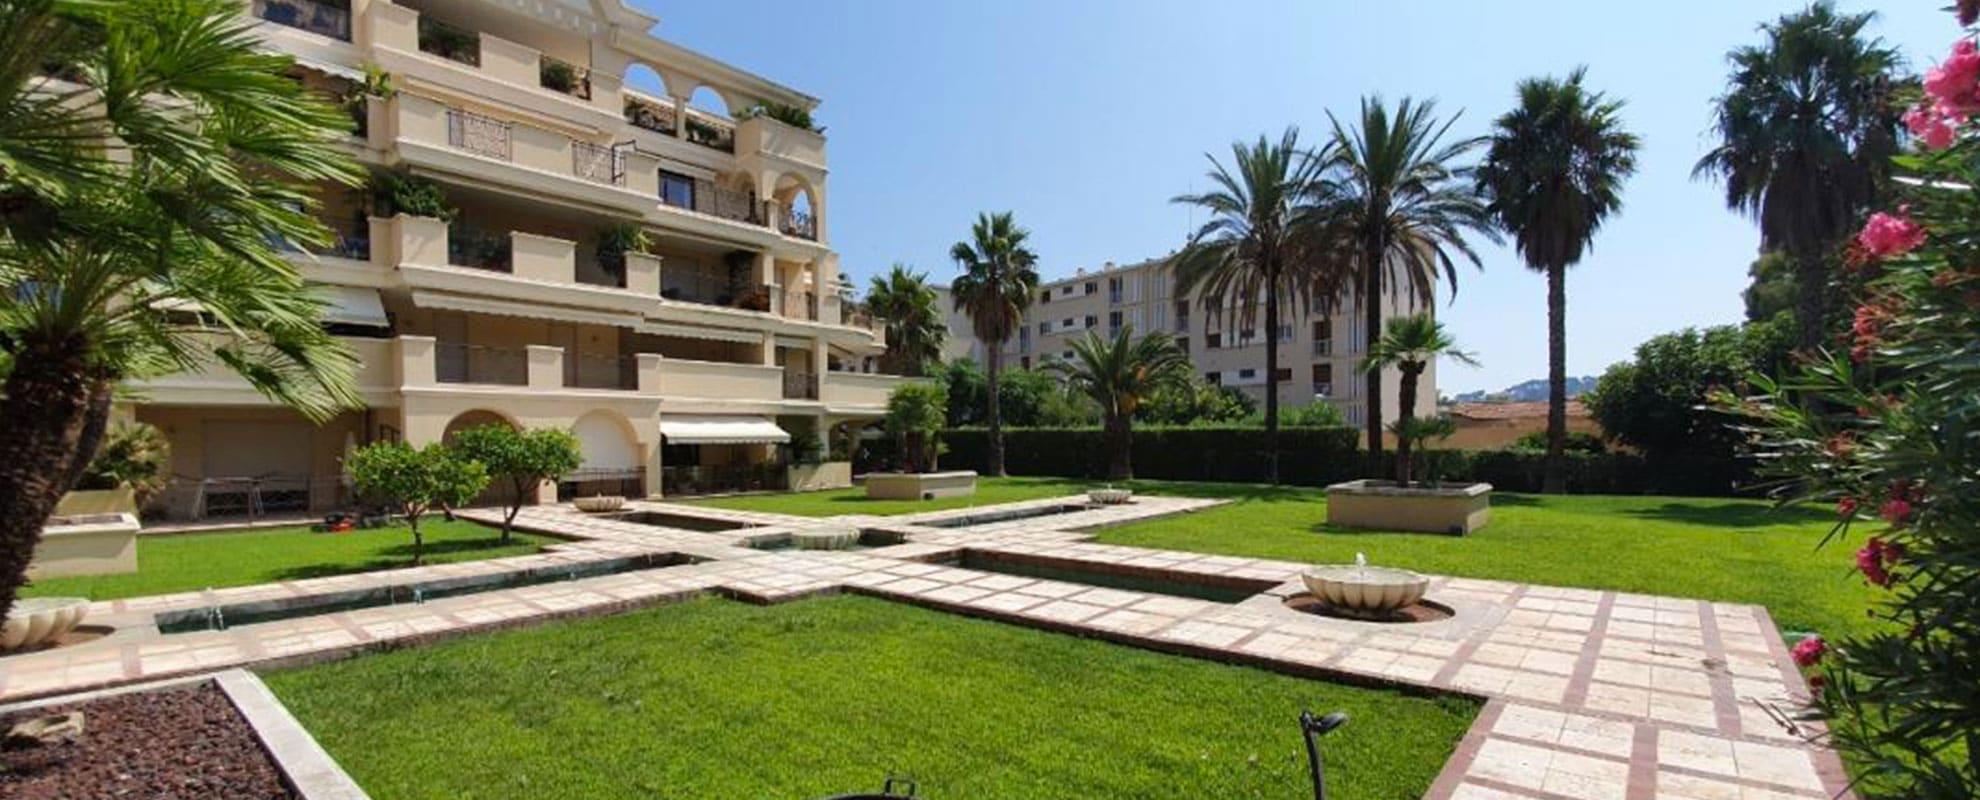 entretien-jardin-jardinier-Hyeres-83400-Carqueiranne-83320-Pradet